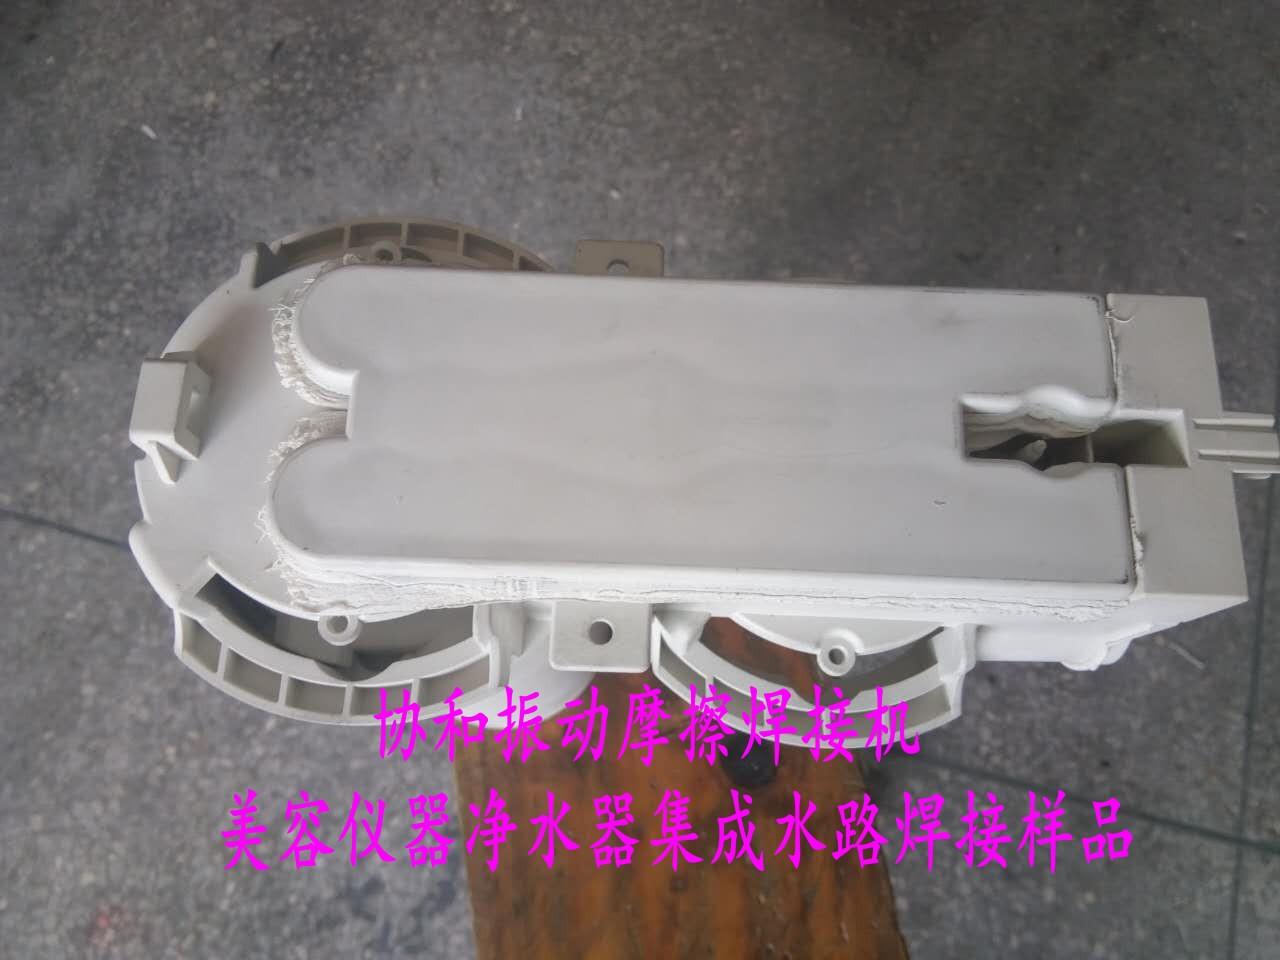 线性振动摩擦焊接机  XH-04型号 眼镜胶板医疗透析容器振动摩擦机示例图15